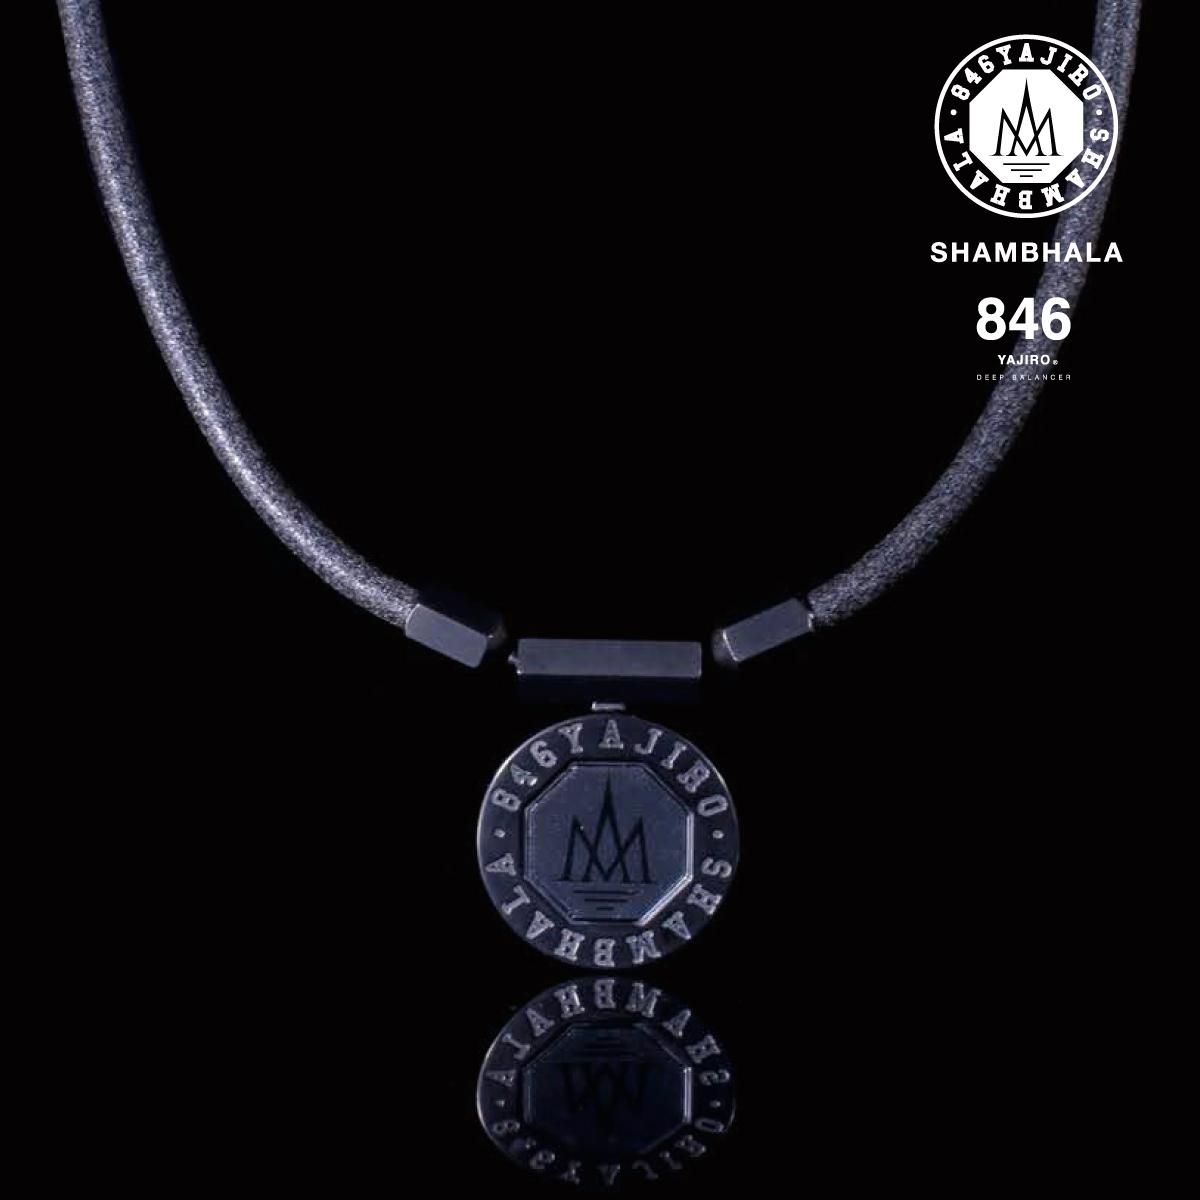 846 ネックレス 846 yajiro SHAMBHALA Necklace リカバリーネックレス 磁気ネックレス プロアスリート愛用 スポーツネックレス 《急速な疲労回復》《体力維持》《代謝向上》《パフォーマンス向上》